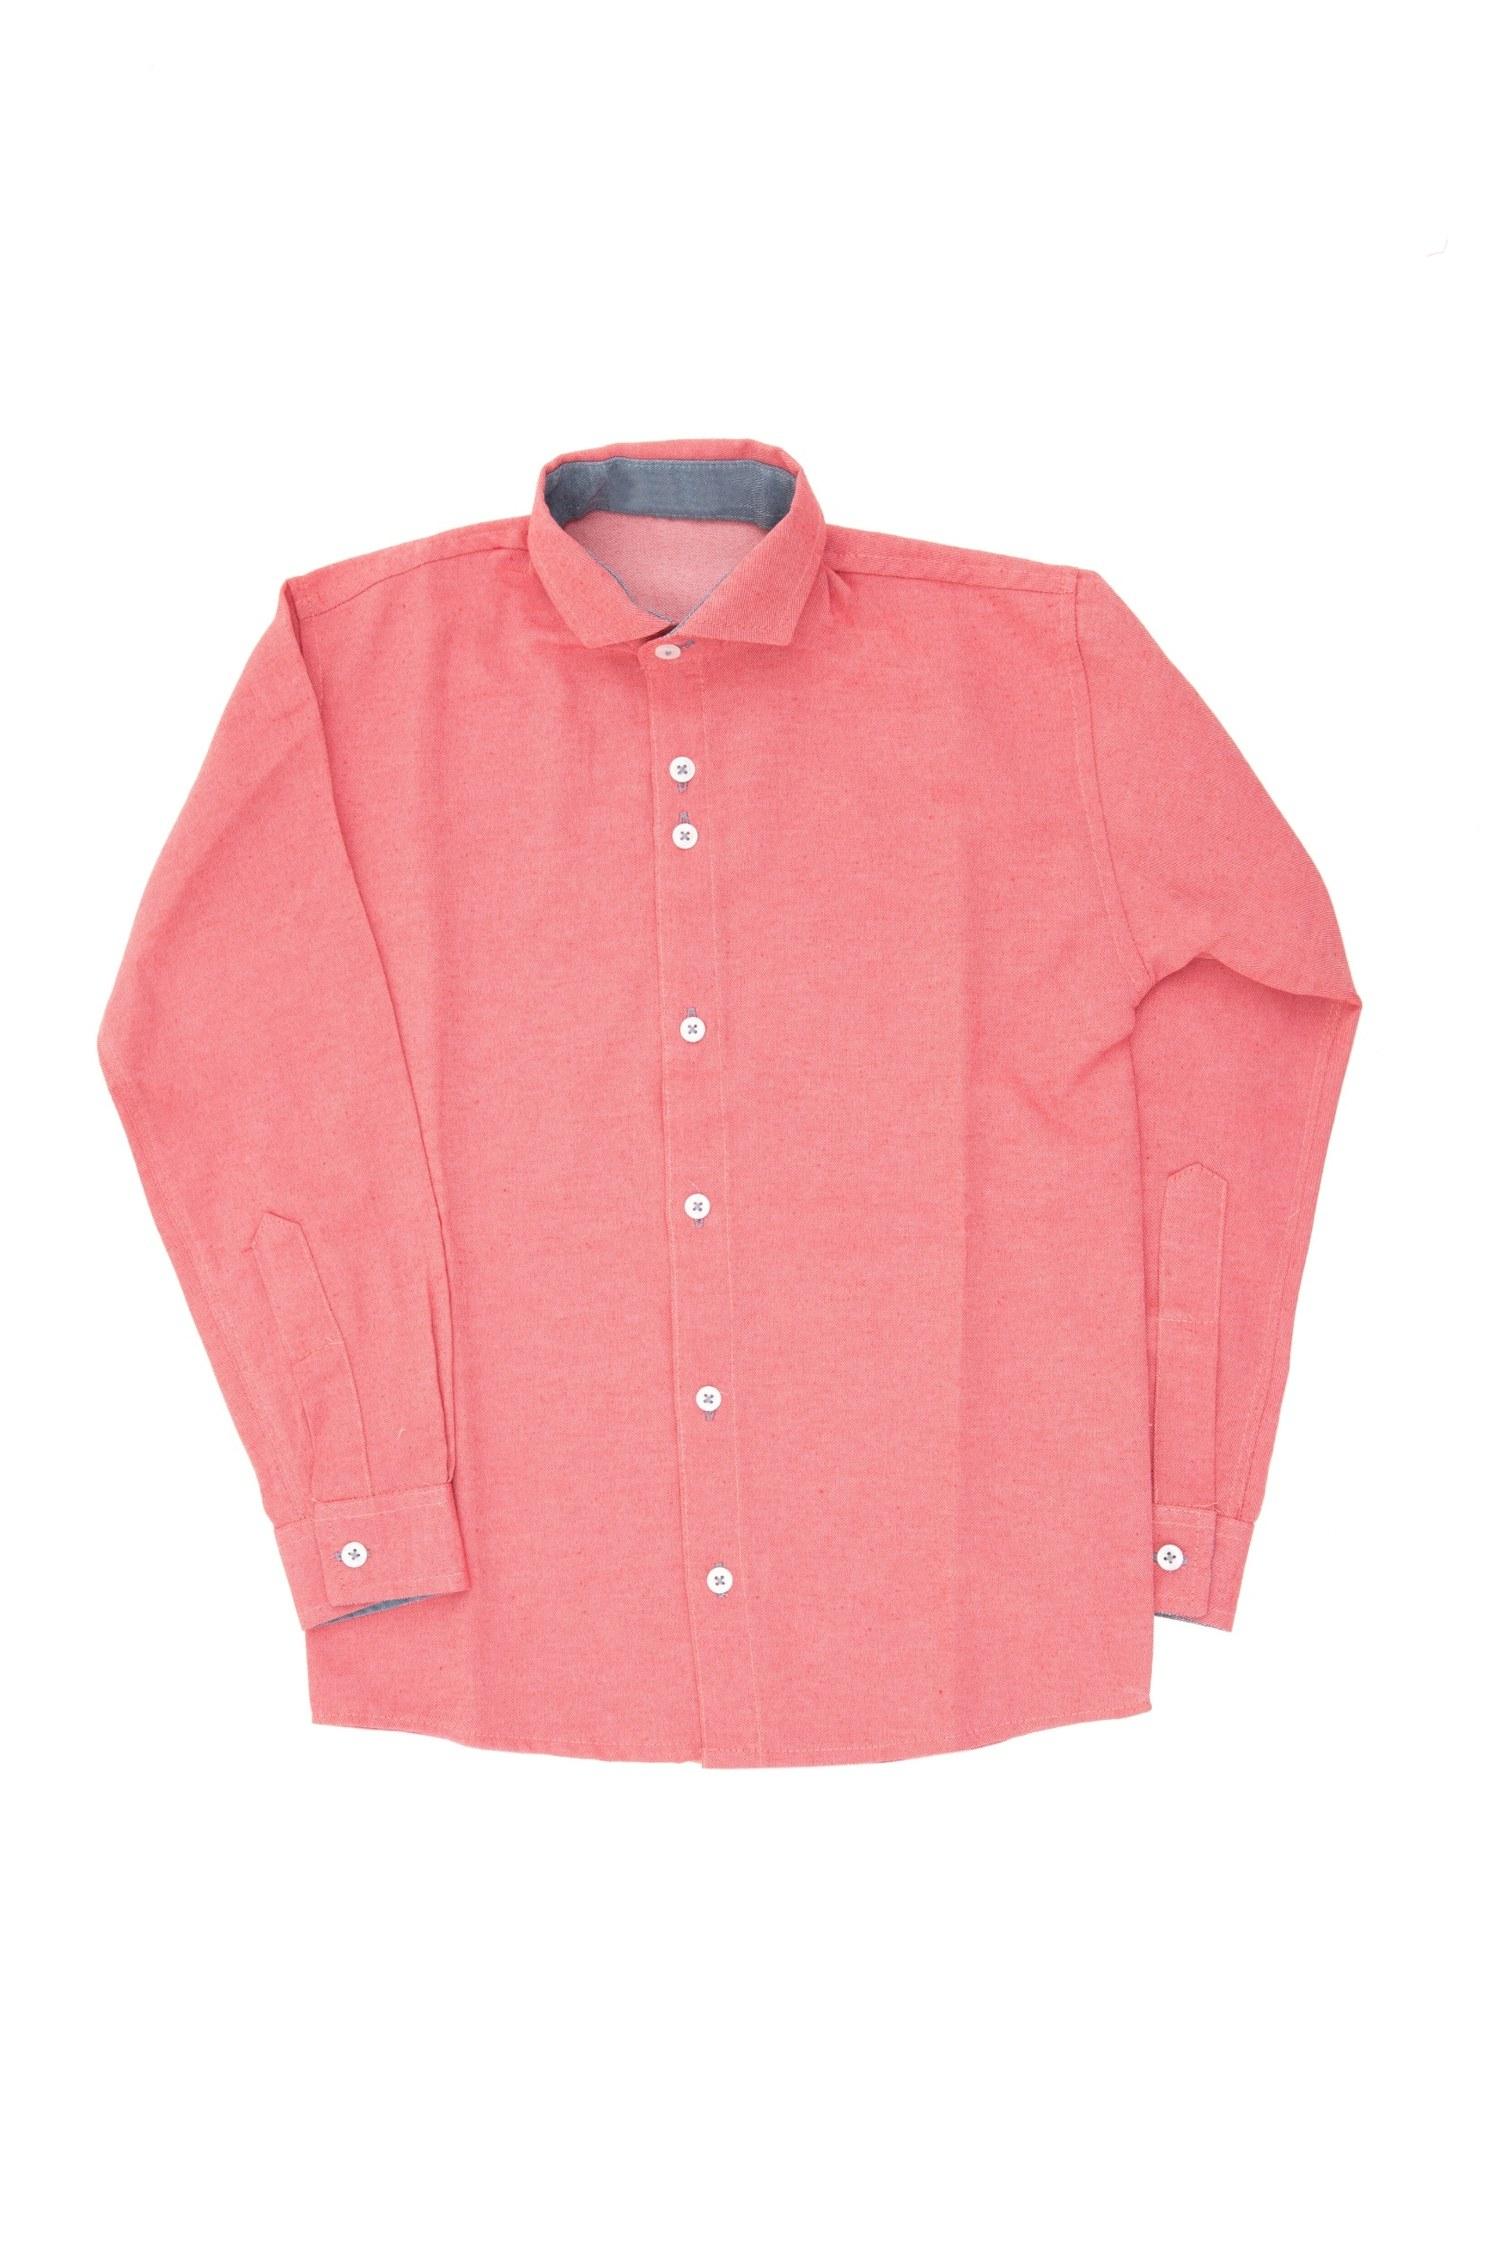 Camisa Social Slim Color Infantil Masculina [42837]